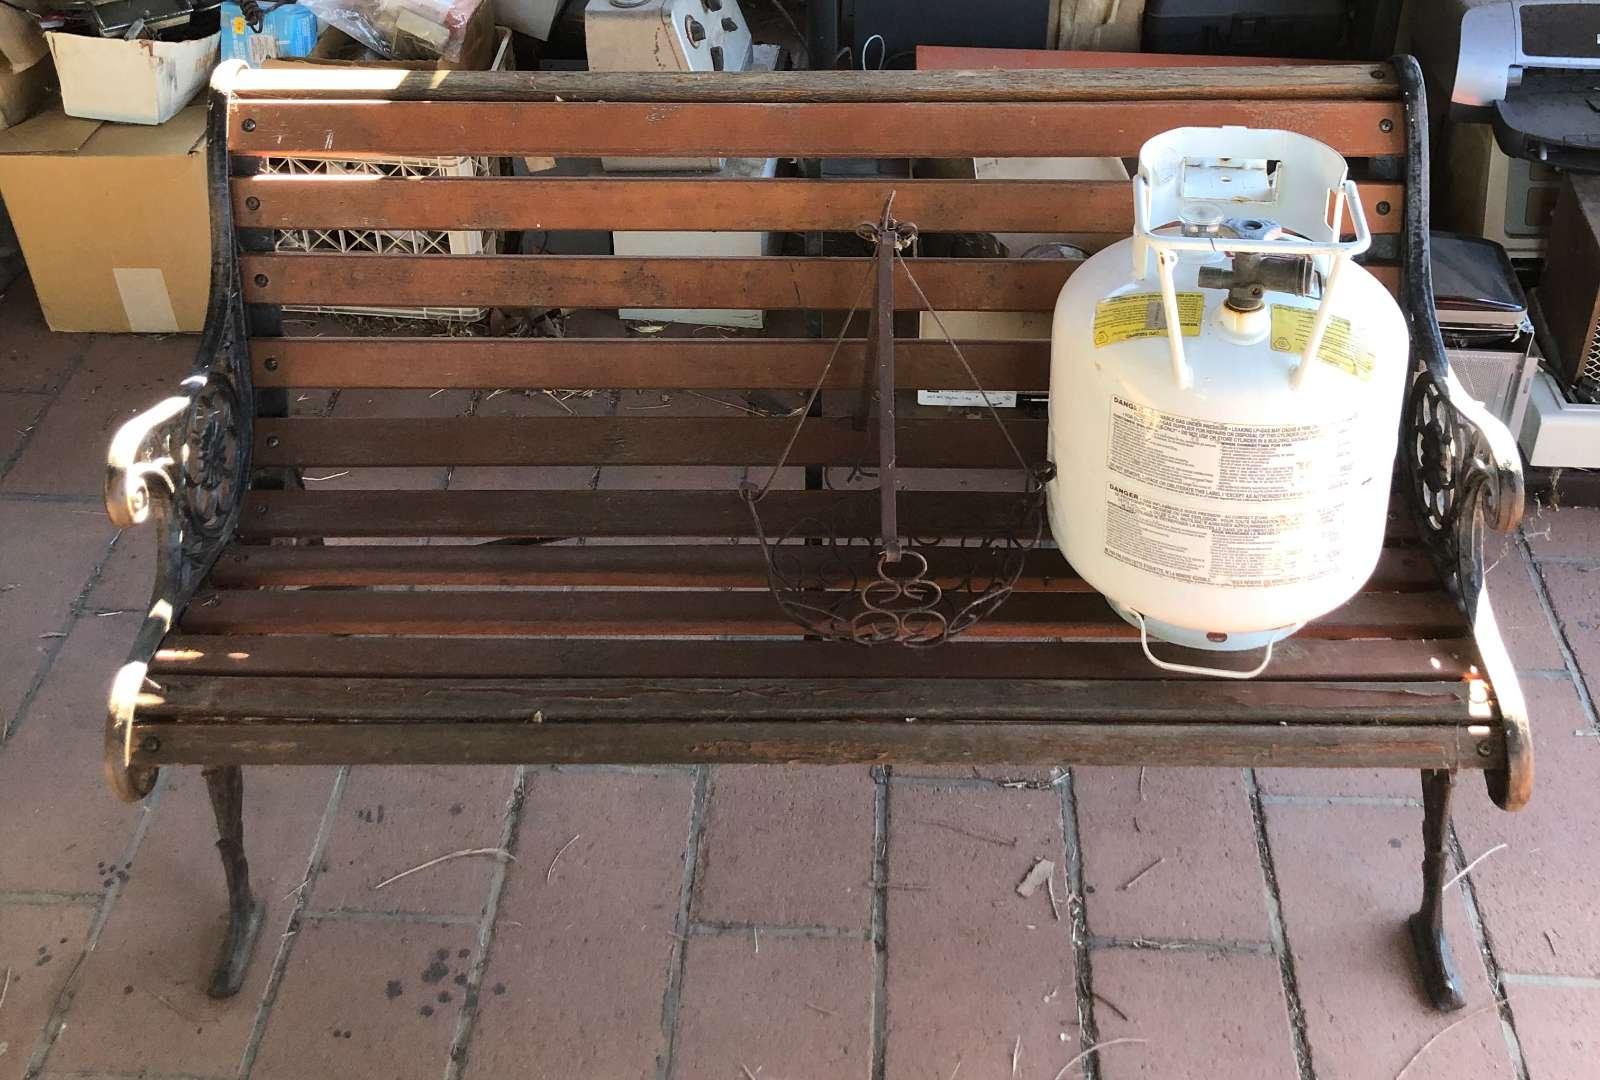 Lot # 157 - Iron and Wood Bench - Propane Tank - Iron Basket